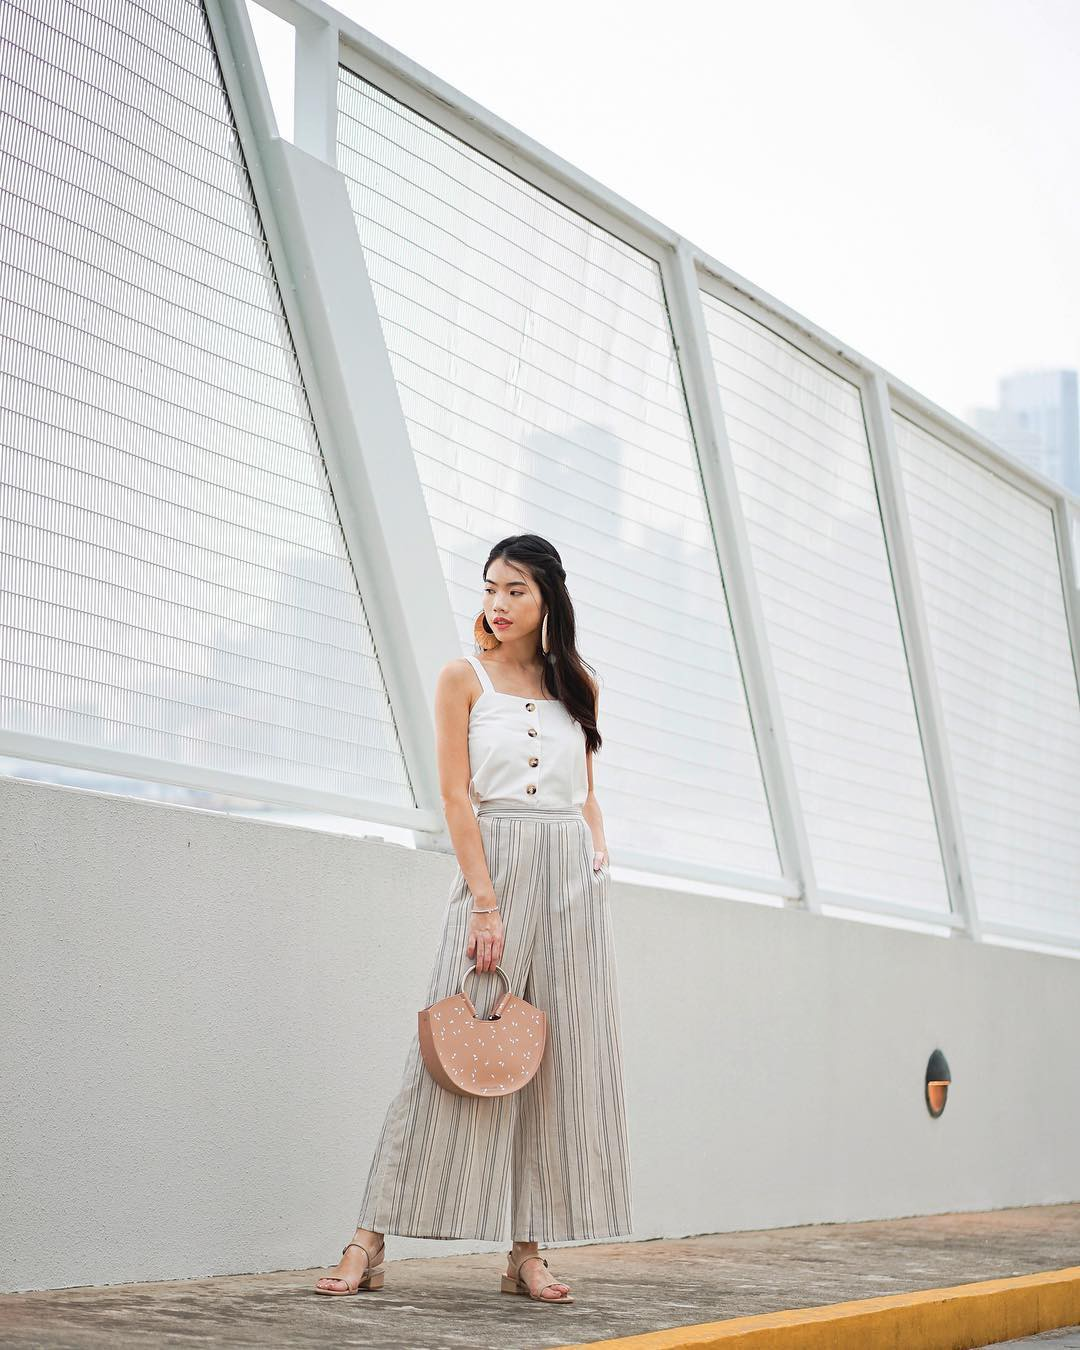 Diện quần ống rộng, bạn cứ mix với 4 kiểu áo sau là chắc cốp đẹp và sành điệu - Ảnh 8.